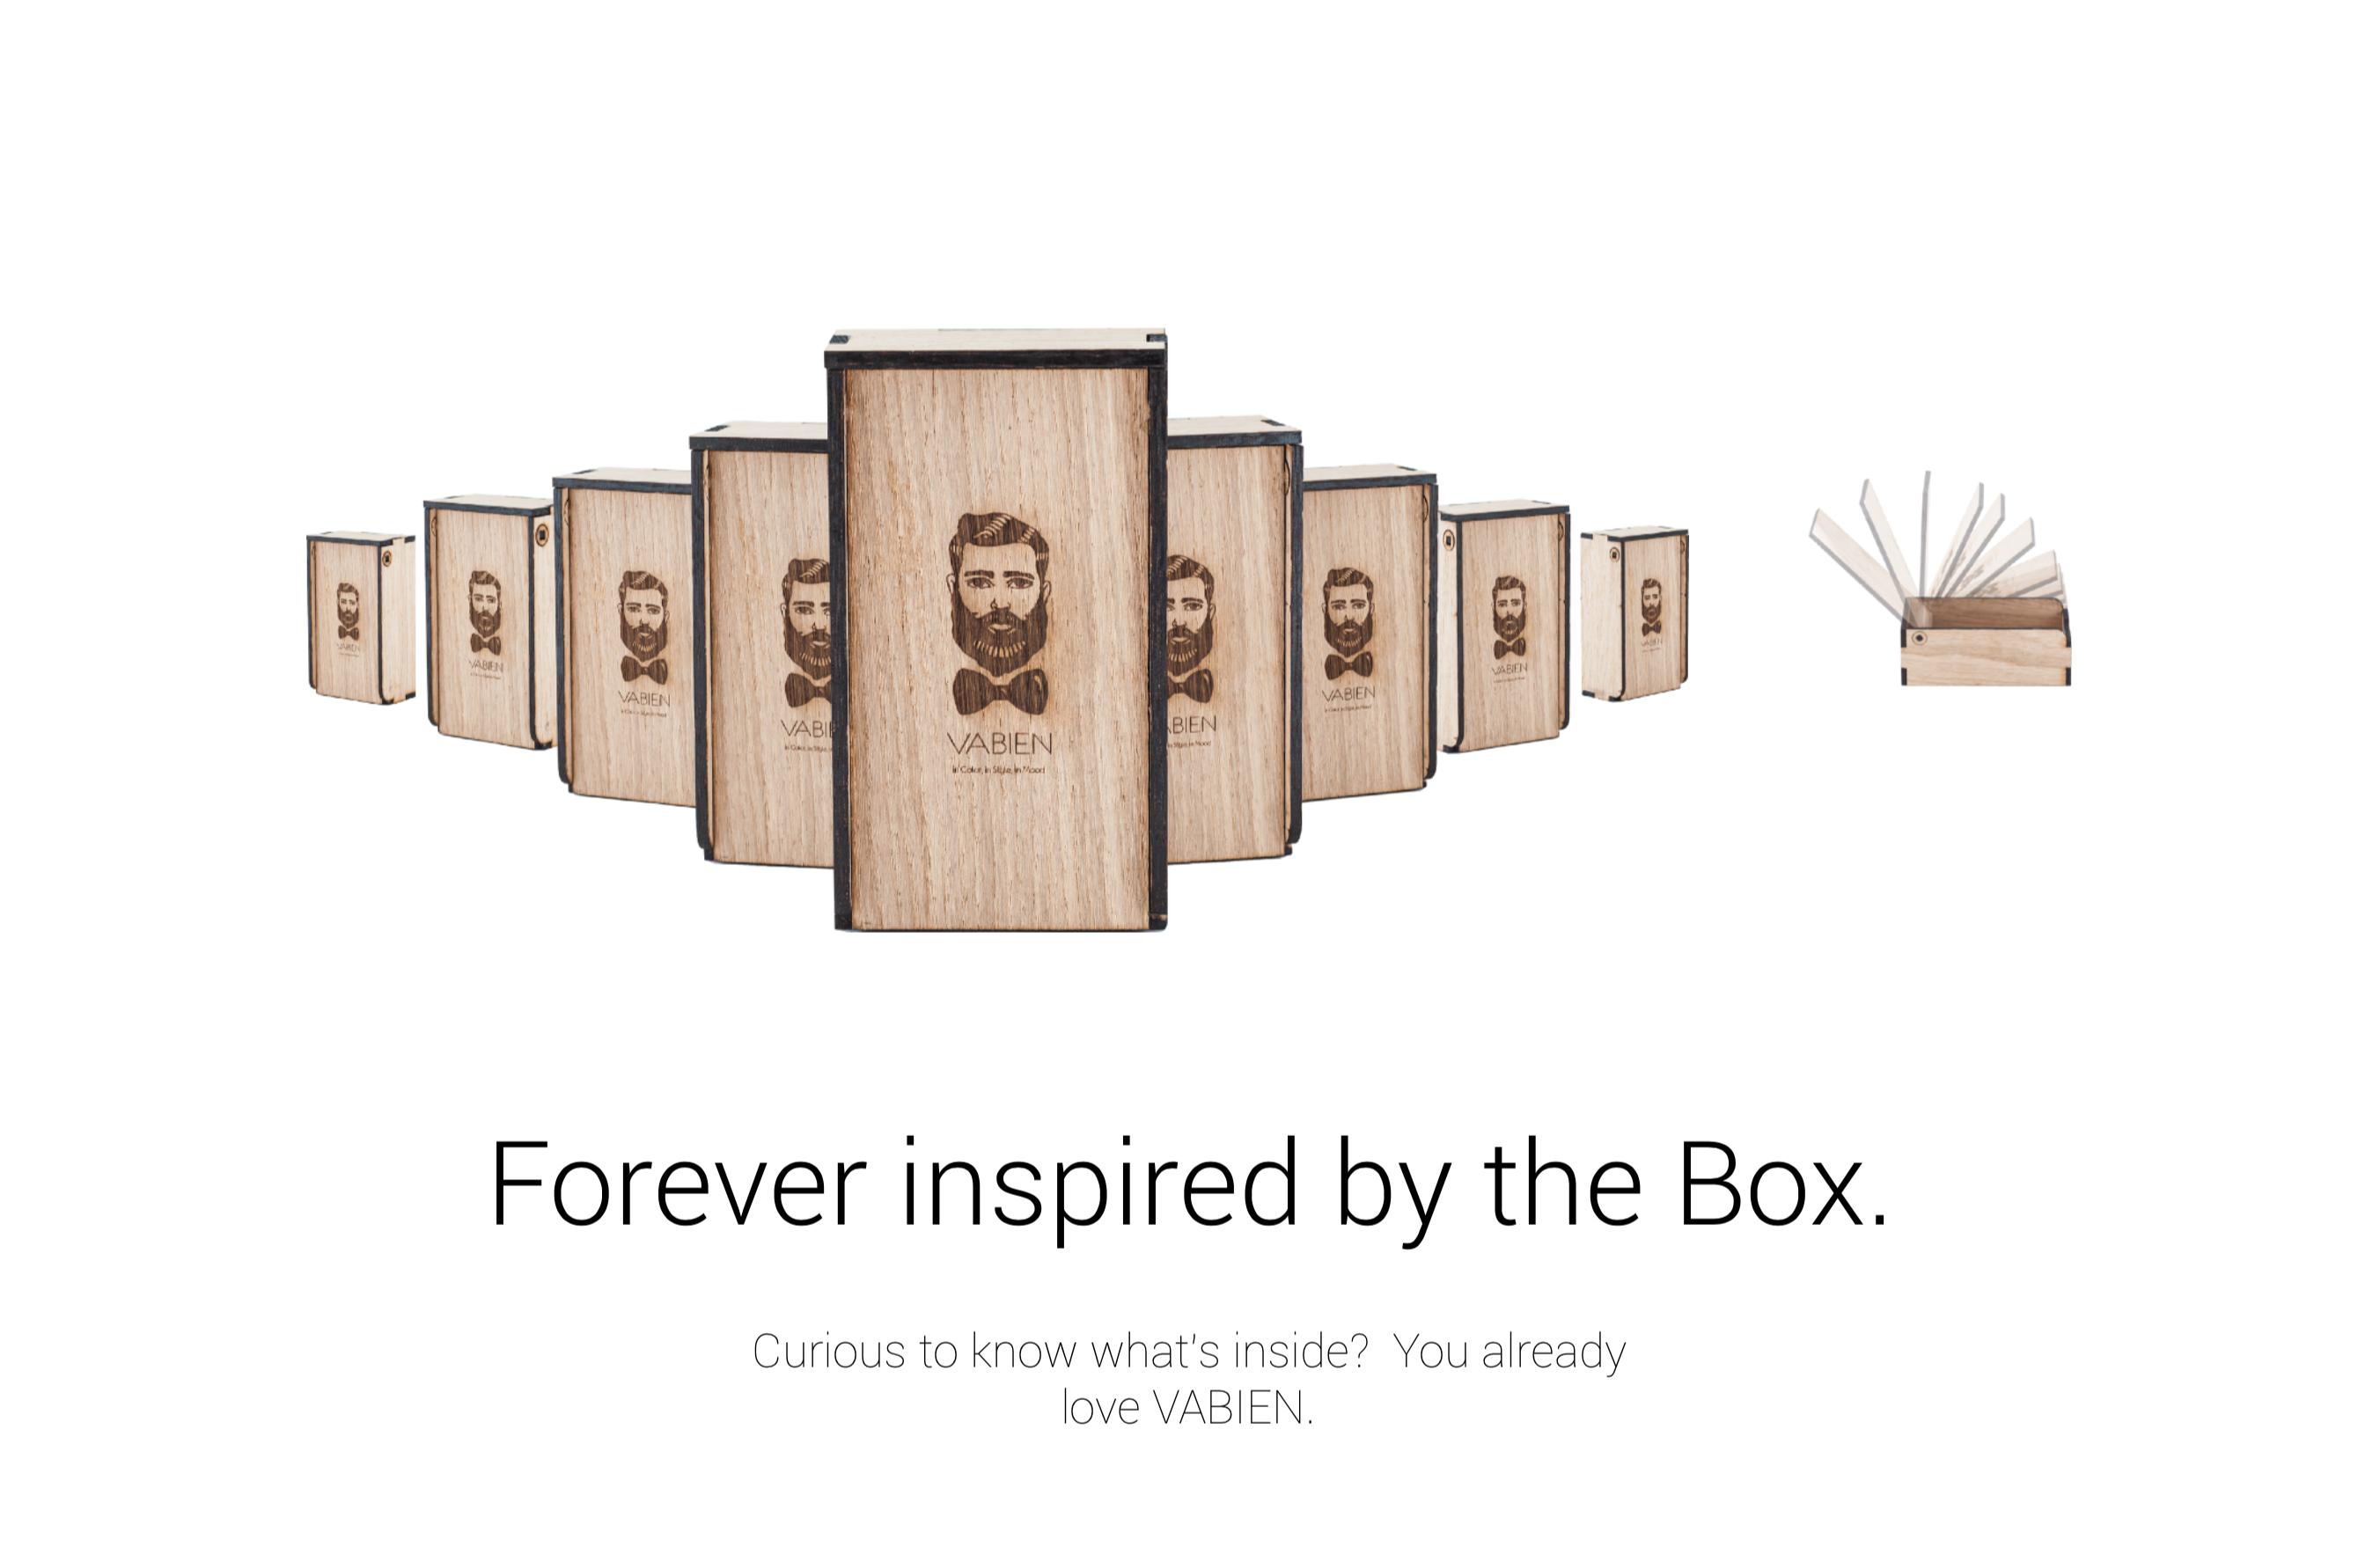 VABIEN BOX